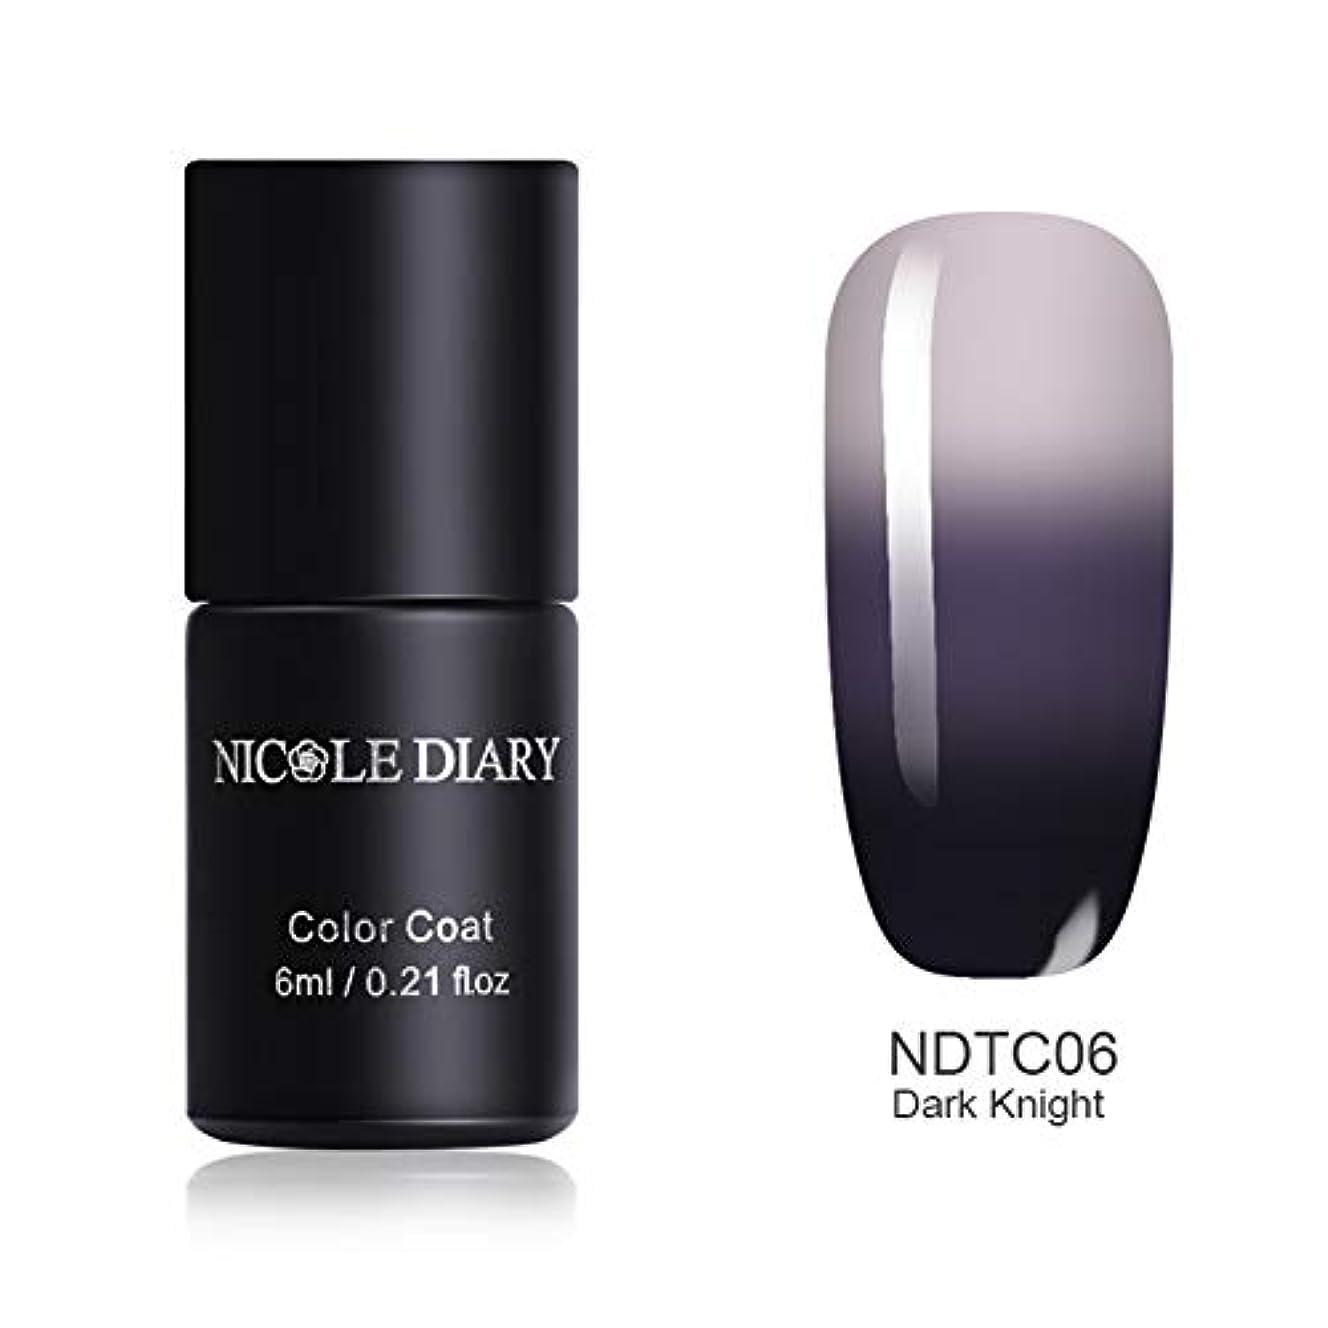 無能ジャンプ名前を作るNICOLE DIARY 温度によって色が変わるジェル 3段階の色に変化 カメレオンジェル 6ml UV/LED対応 6色 マジックカラージェル ジェルネイル NDTC06 Dark Knight [並行輸入品]